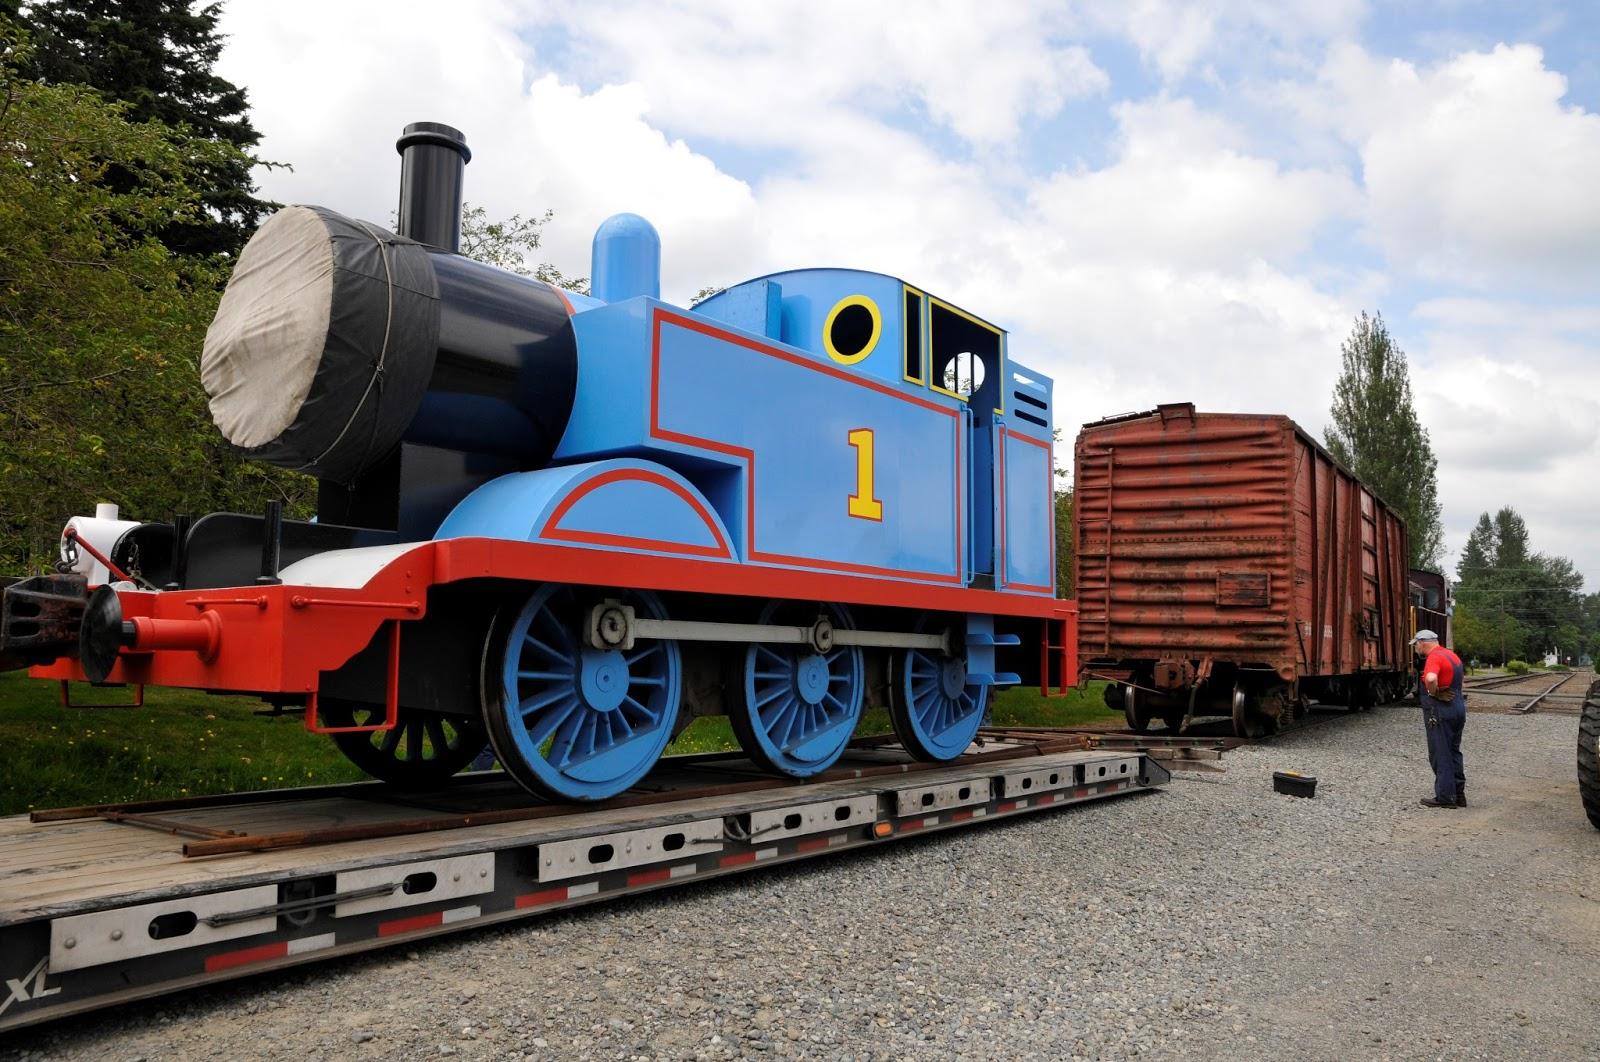 Thomas the tank engine episodes